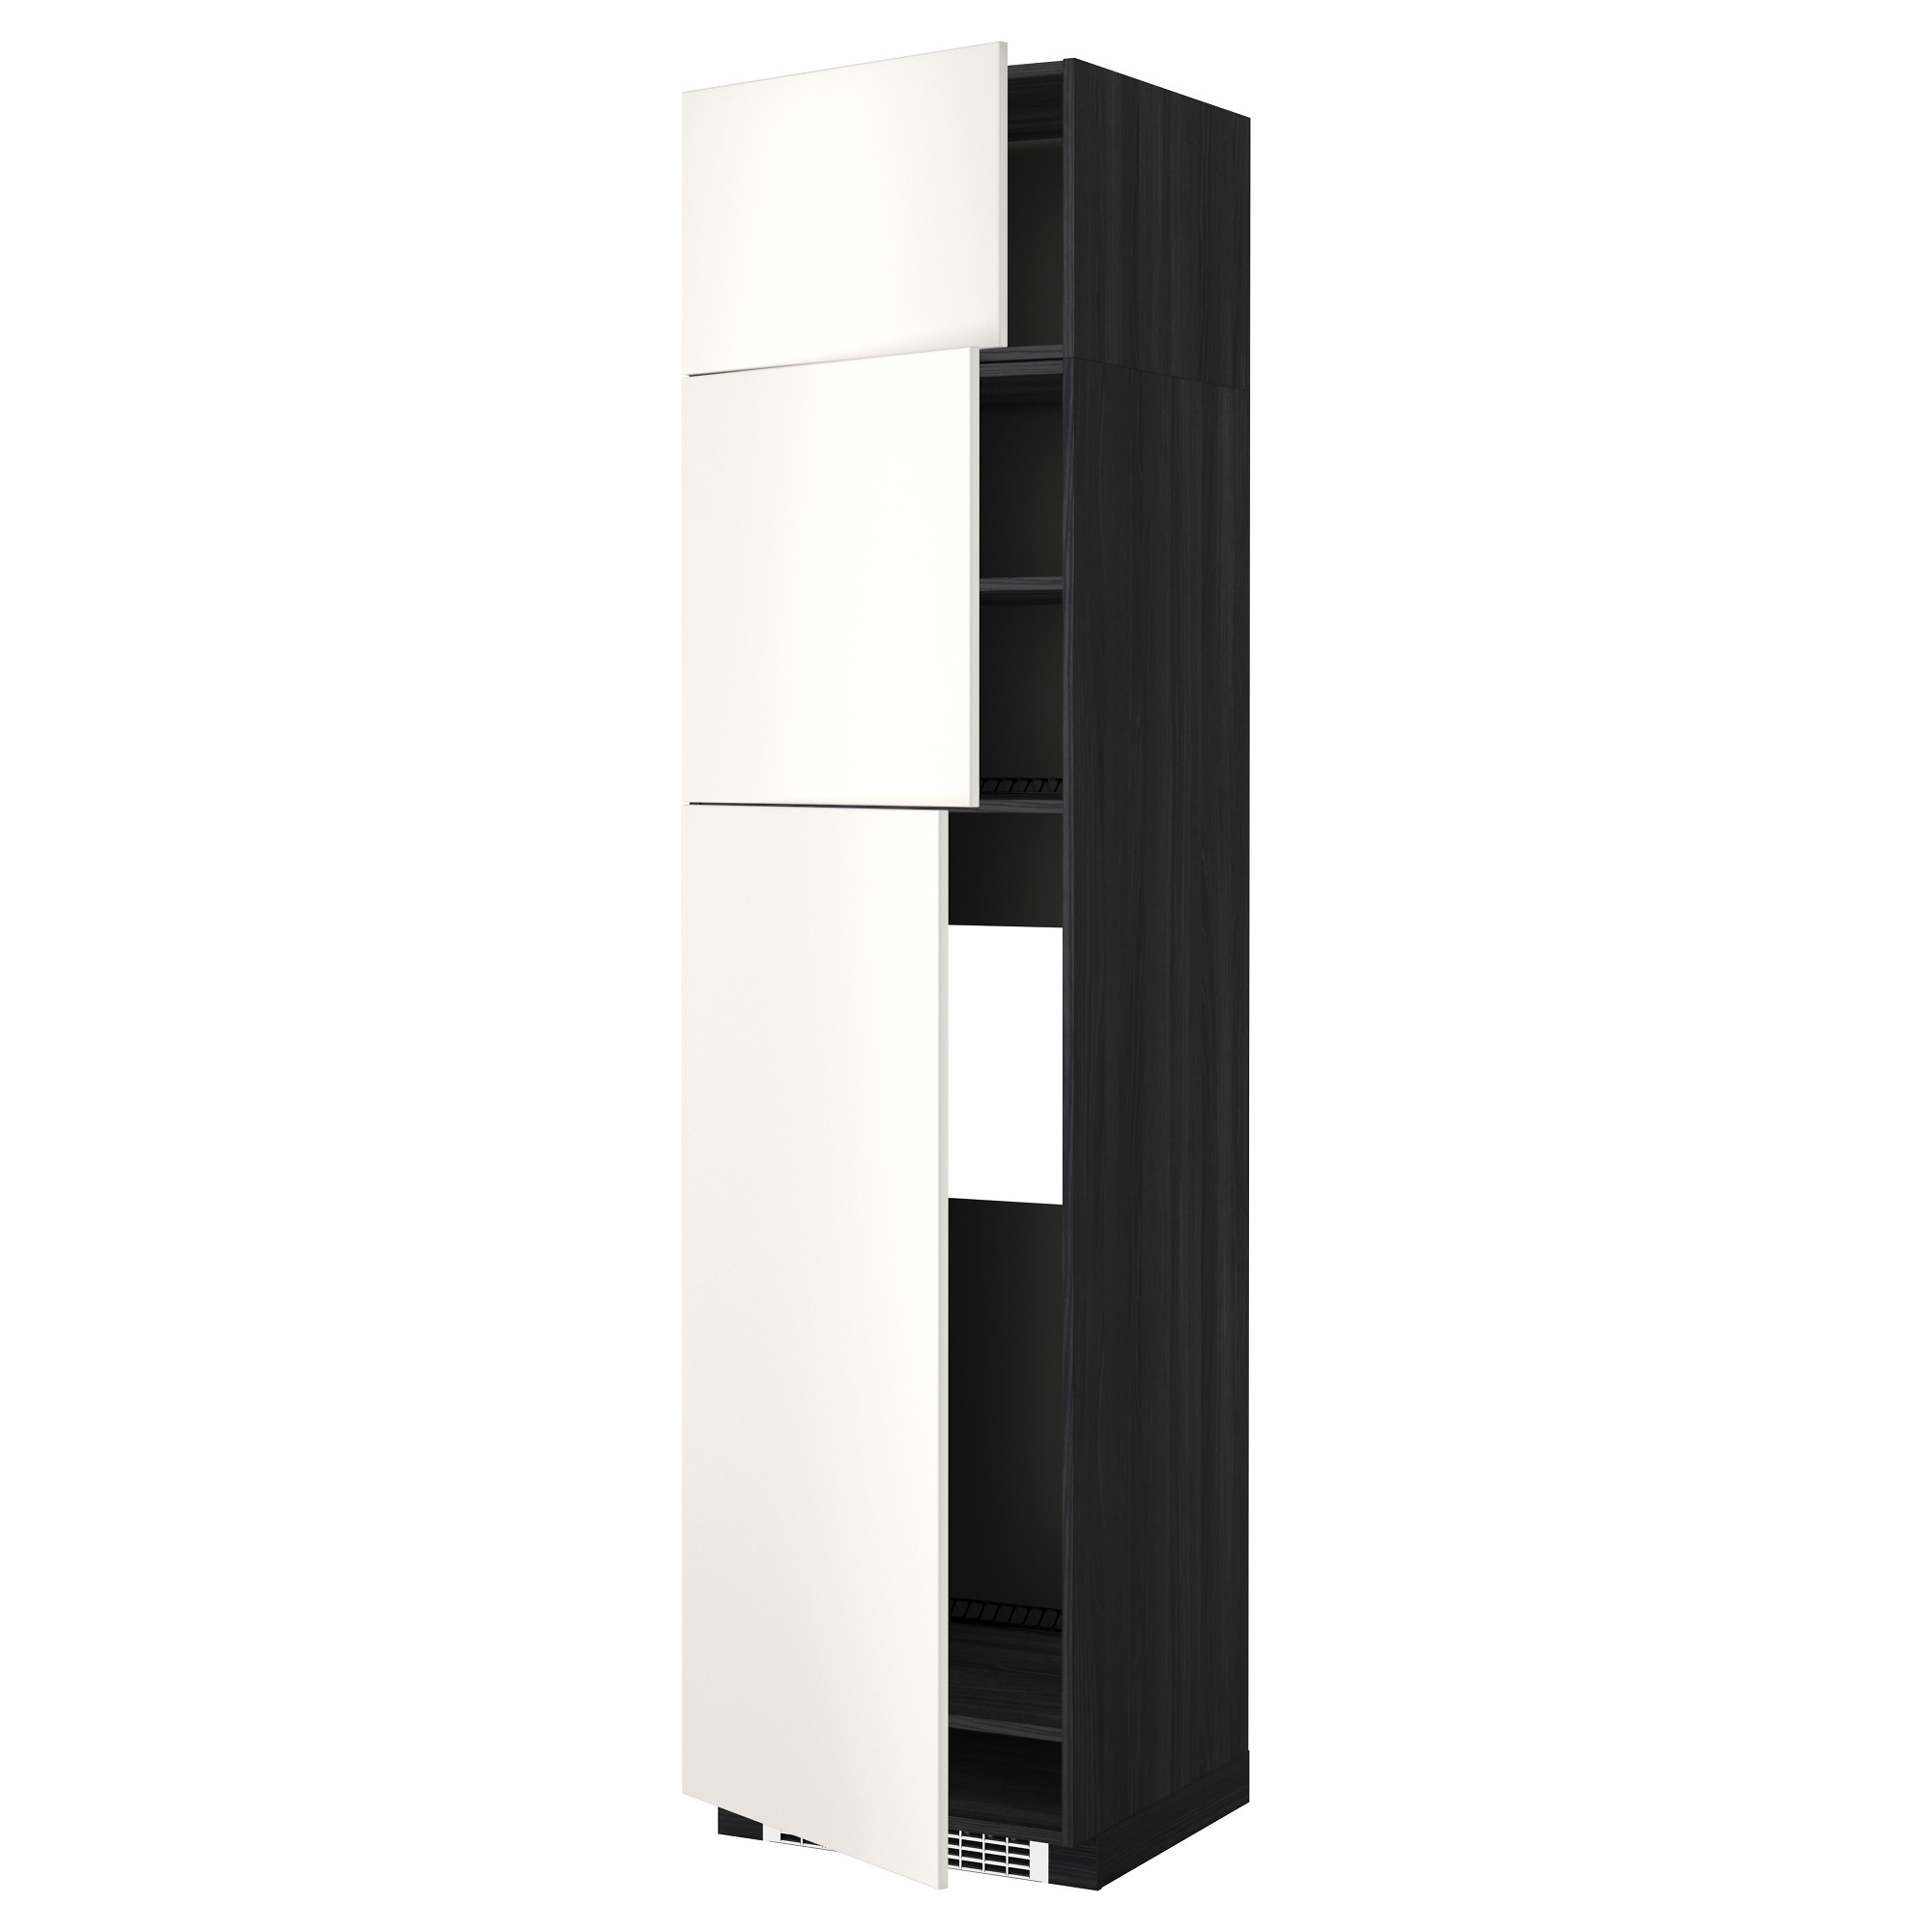 Высокий шкаф для холодильника, 3 дверцы МЕТОД черный артикуль № 292.244.91 в наличии. Онлайн каталог IKEA Минск. Недорогая доставка и установка.